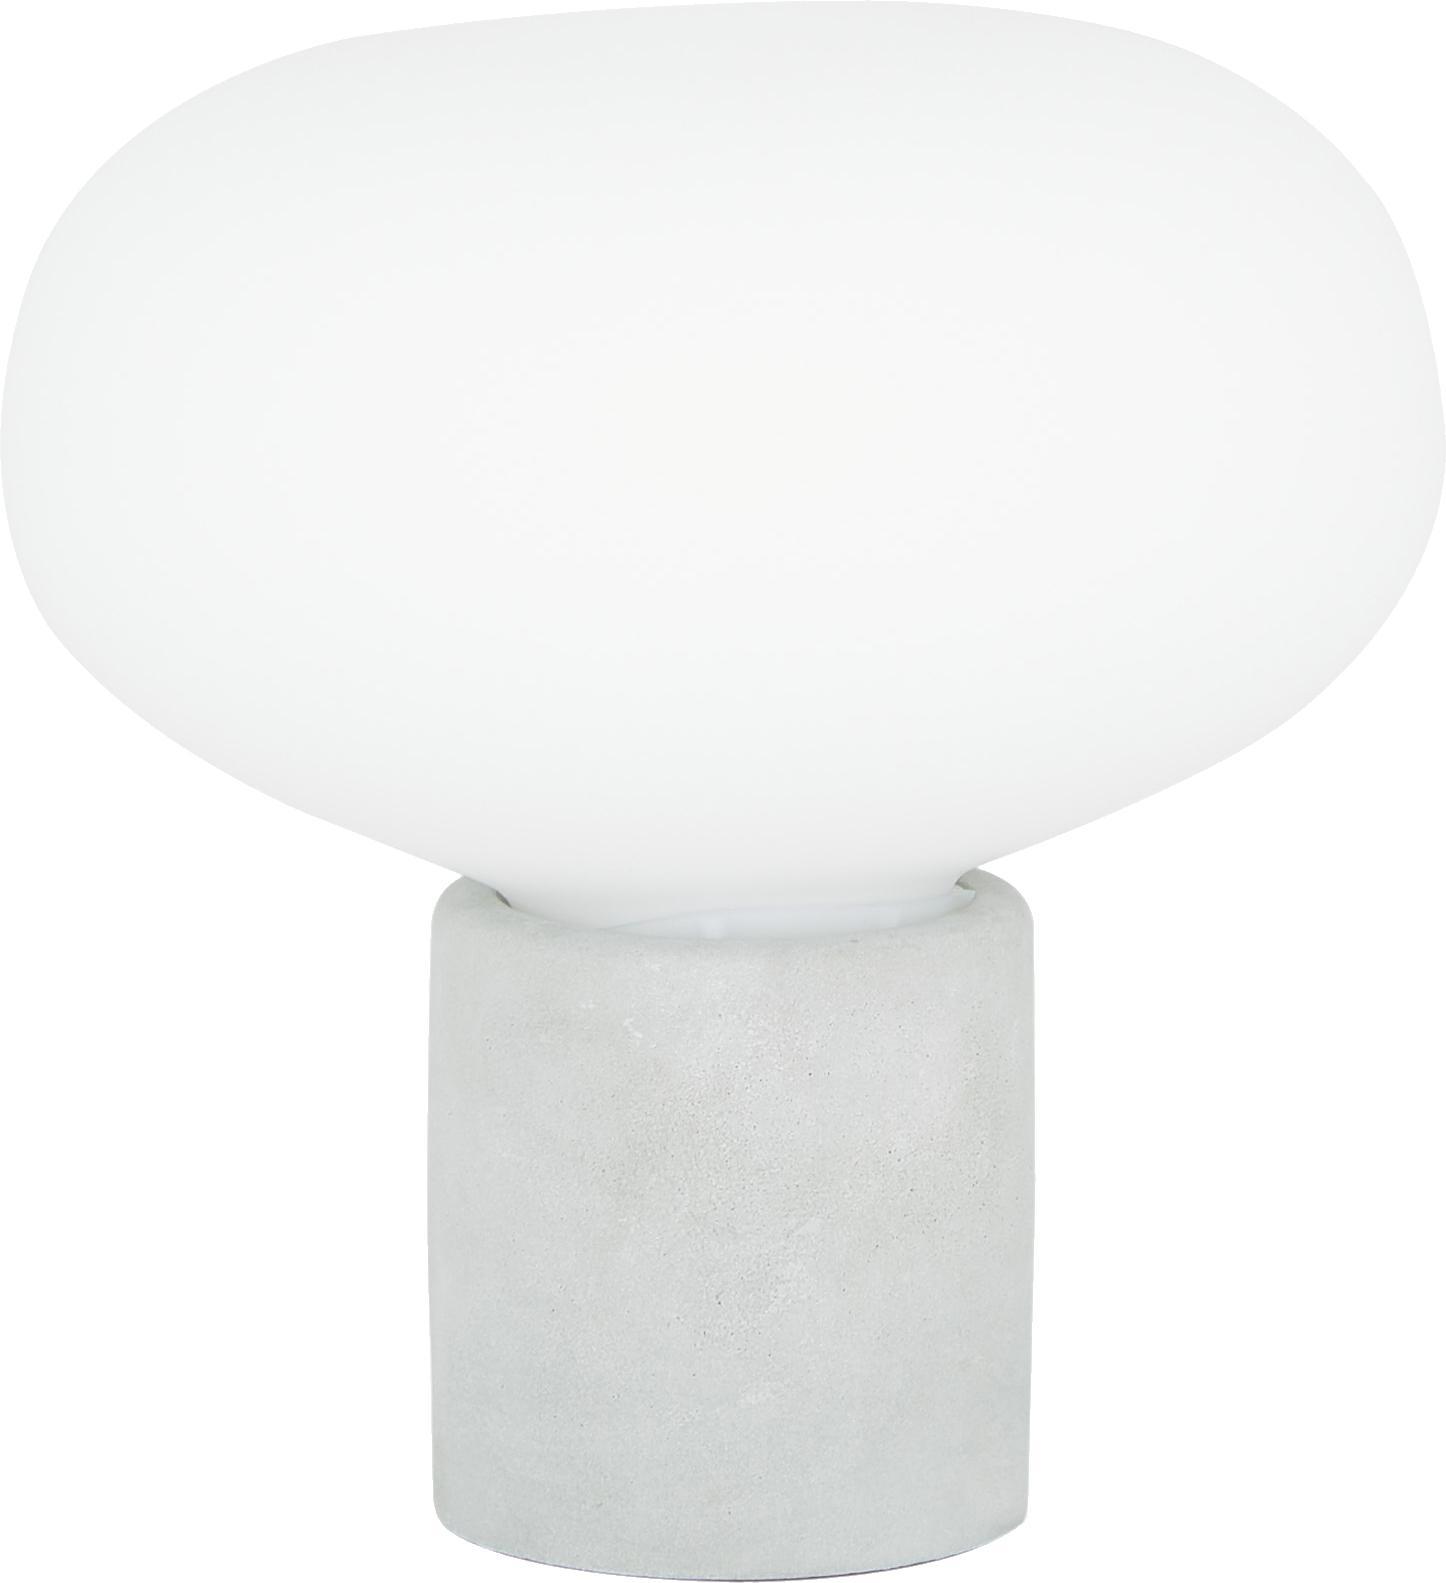 Lampa stołowa z betonu Alma, Podstawa lampy: szary beton Klosz: biały, Ø 23 x W 24 cm